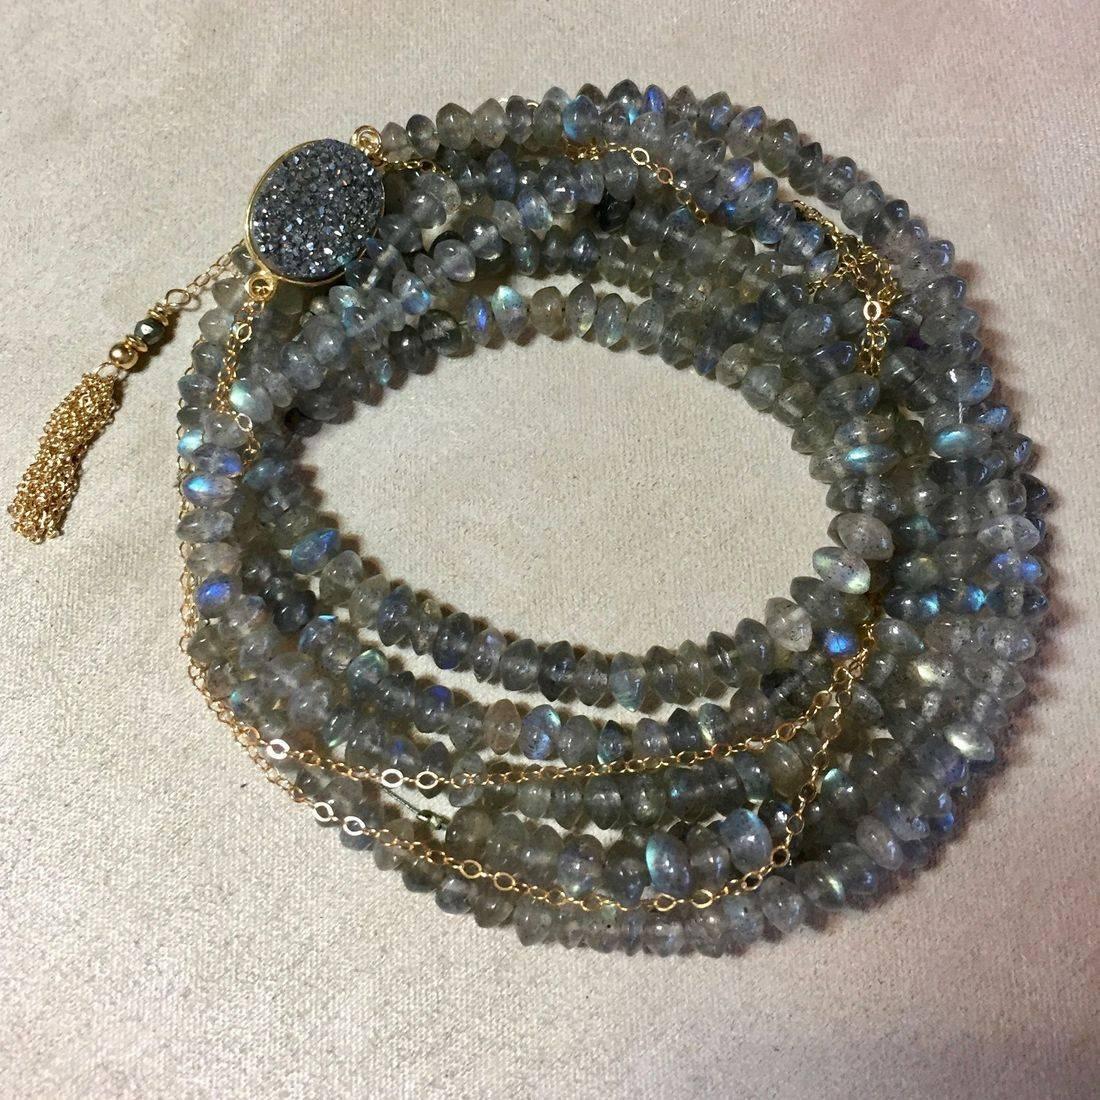 gemstone wrap bracelets, faceted natural gemstones,14k gold fill tassel,clasp,